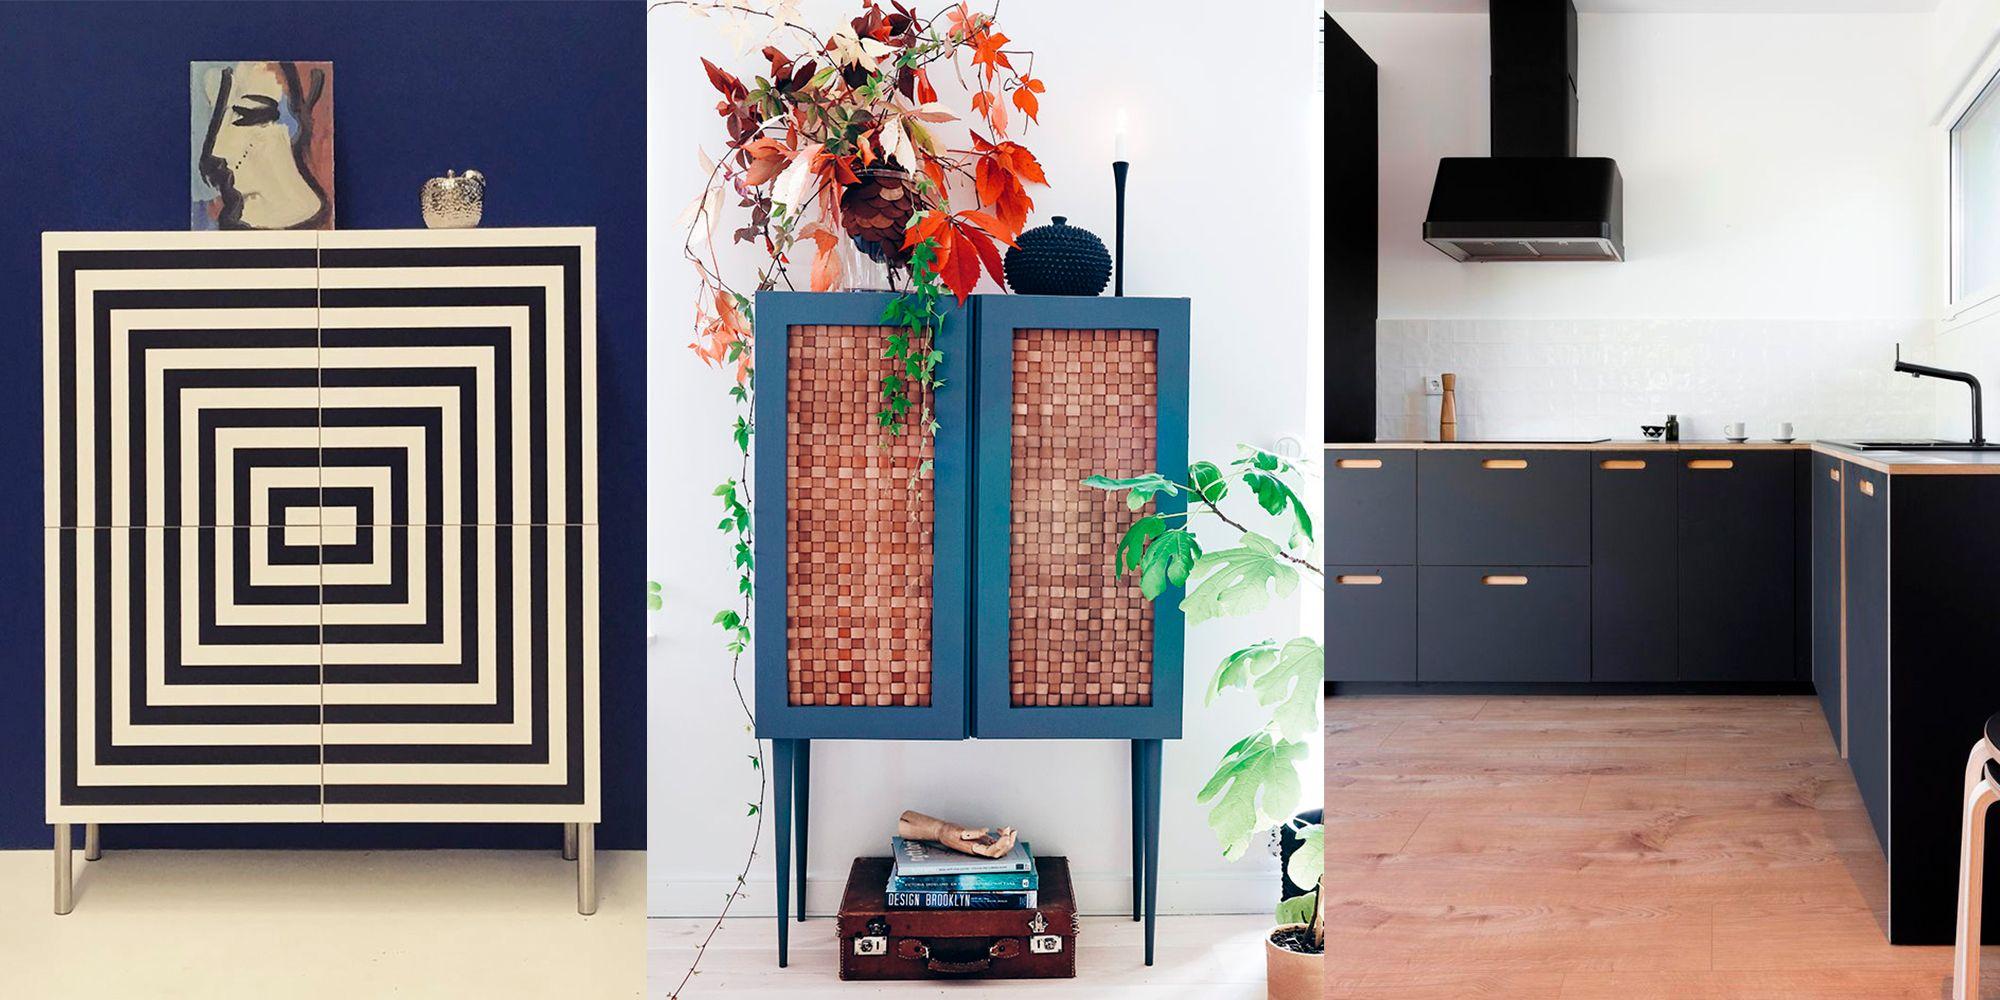 Hacks de Ikea en Instagram Ideas DIY para customizar muebles